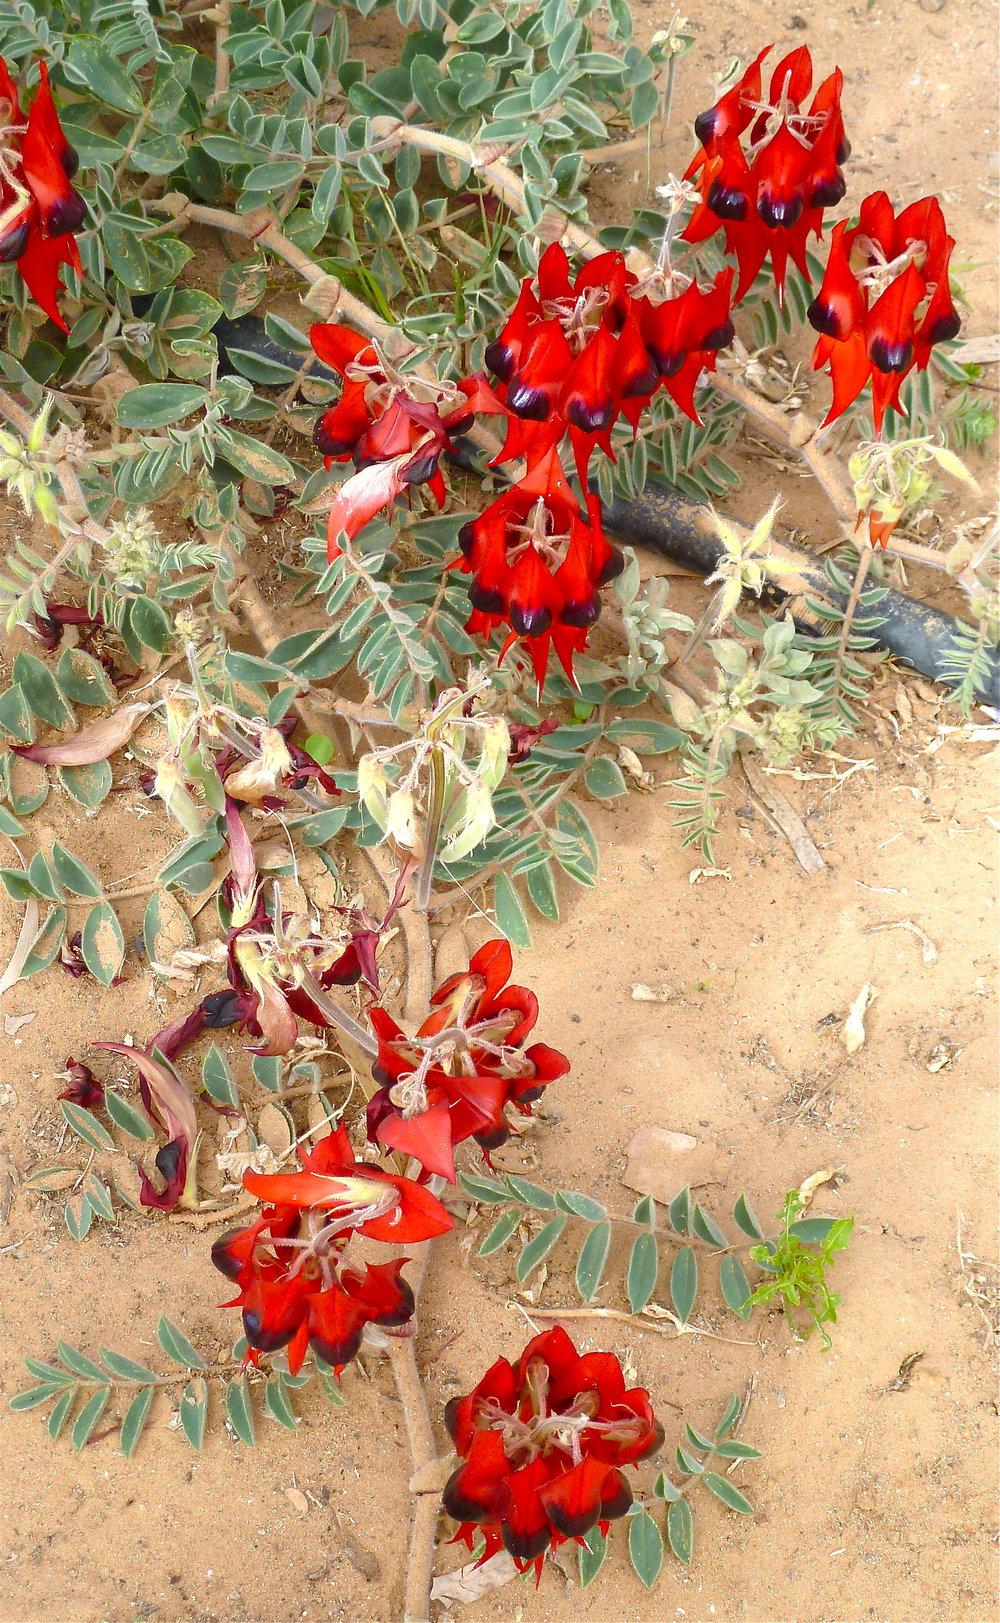 Sturt's Desert Peas, Birdsville, Far Western Queensland